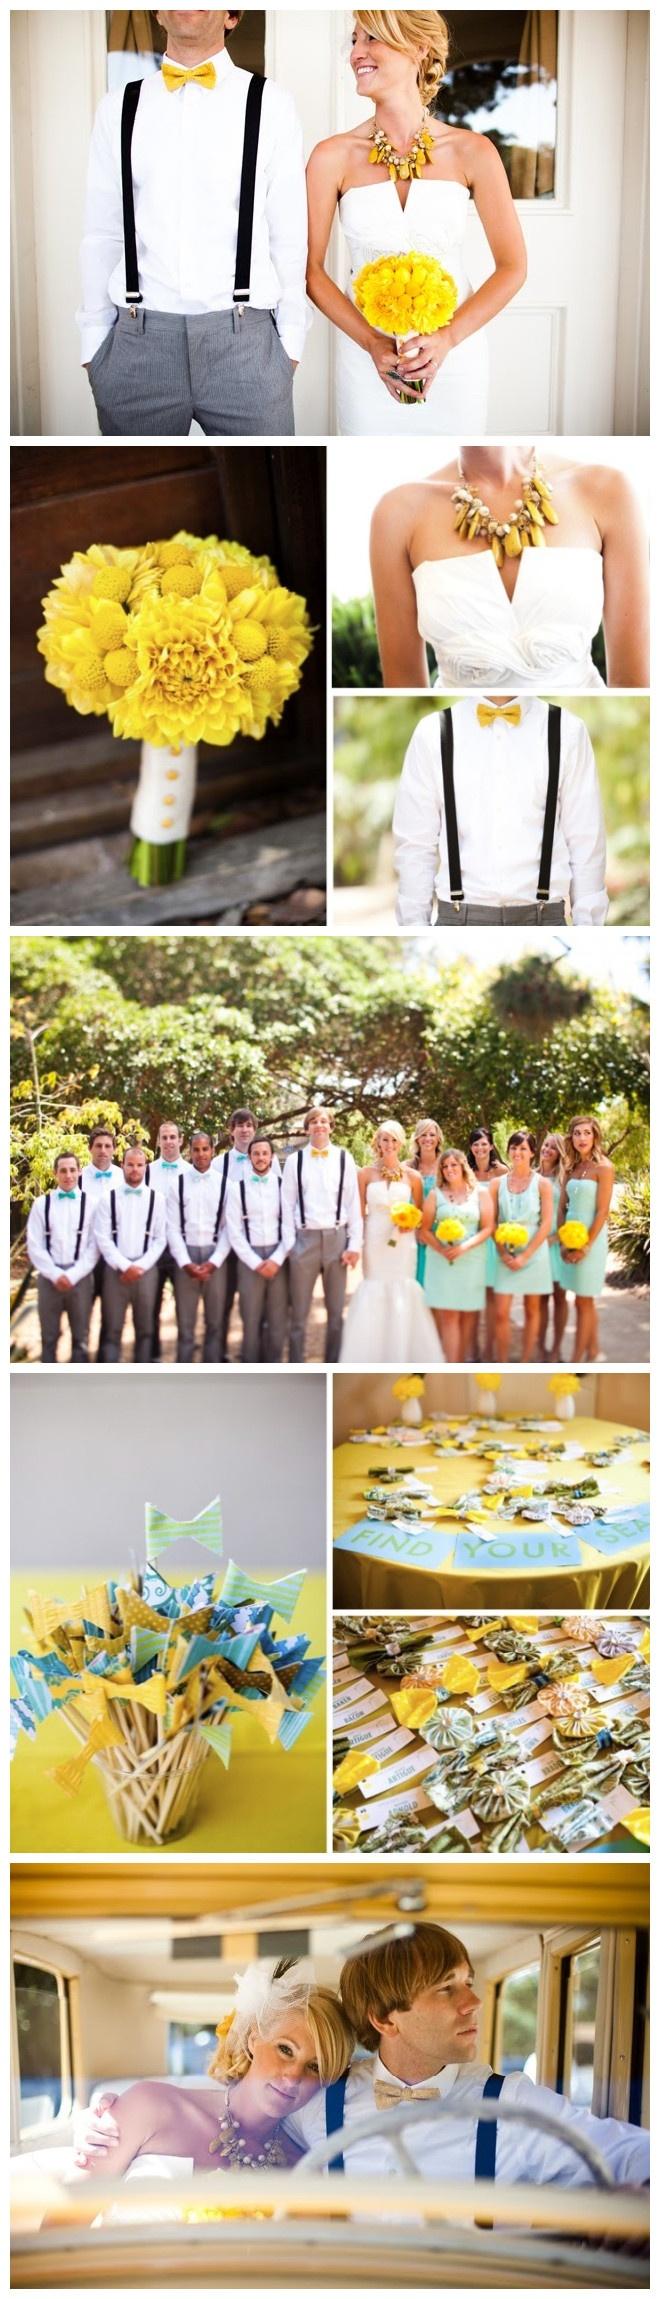 #yellow theme wedding photos